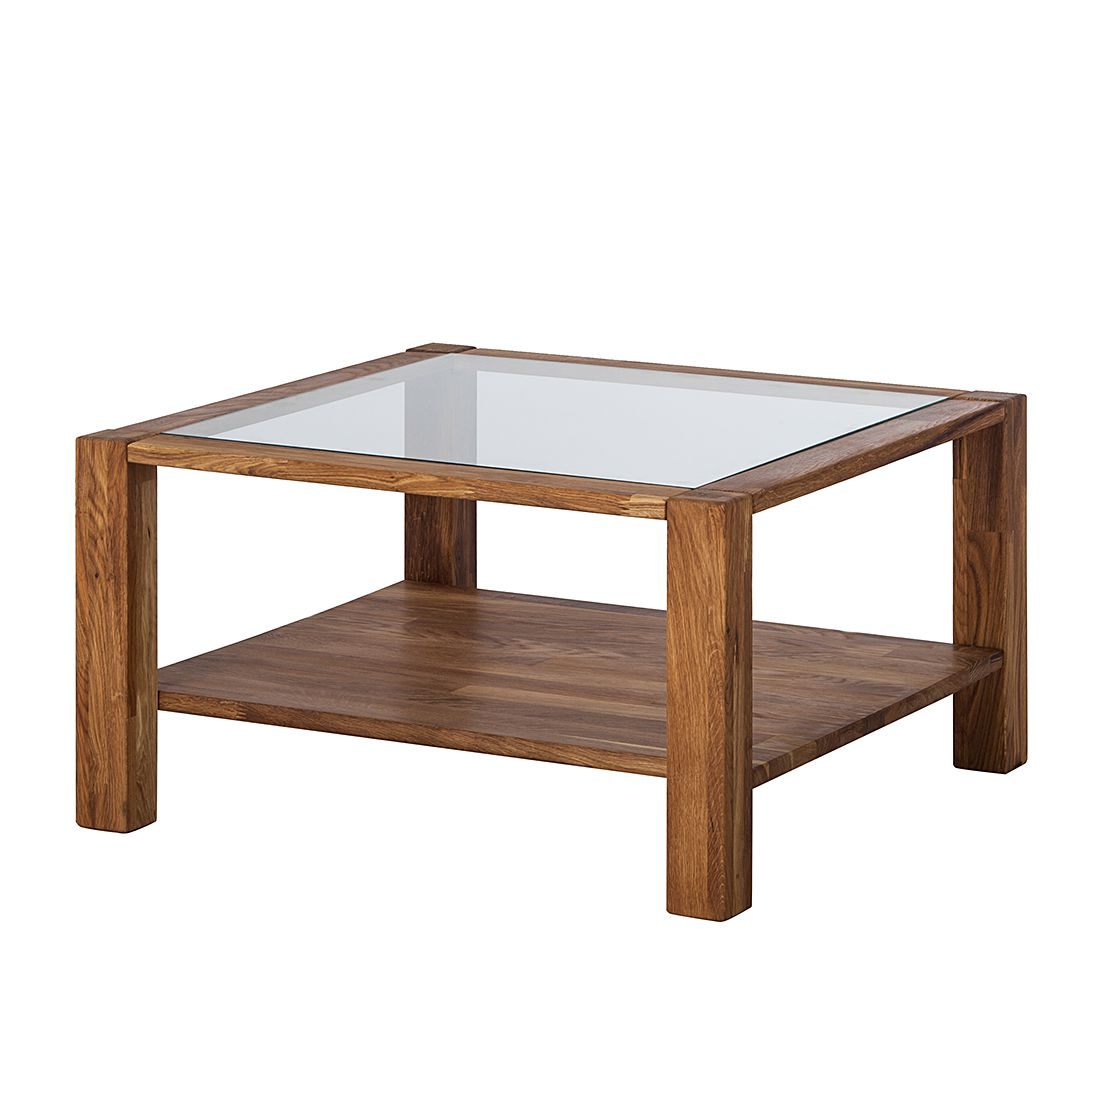 Table basse Steeve I - Chêne massif - Huilé, Ars Natura